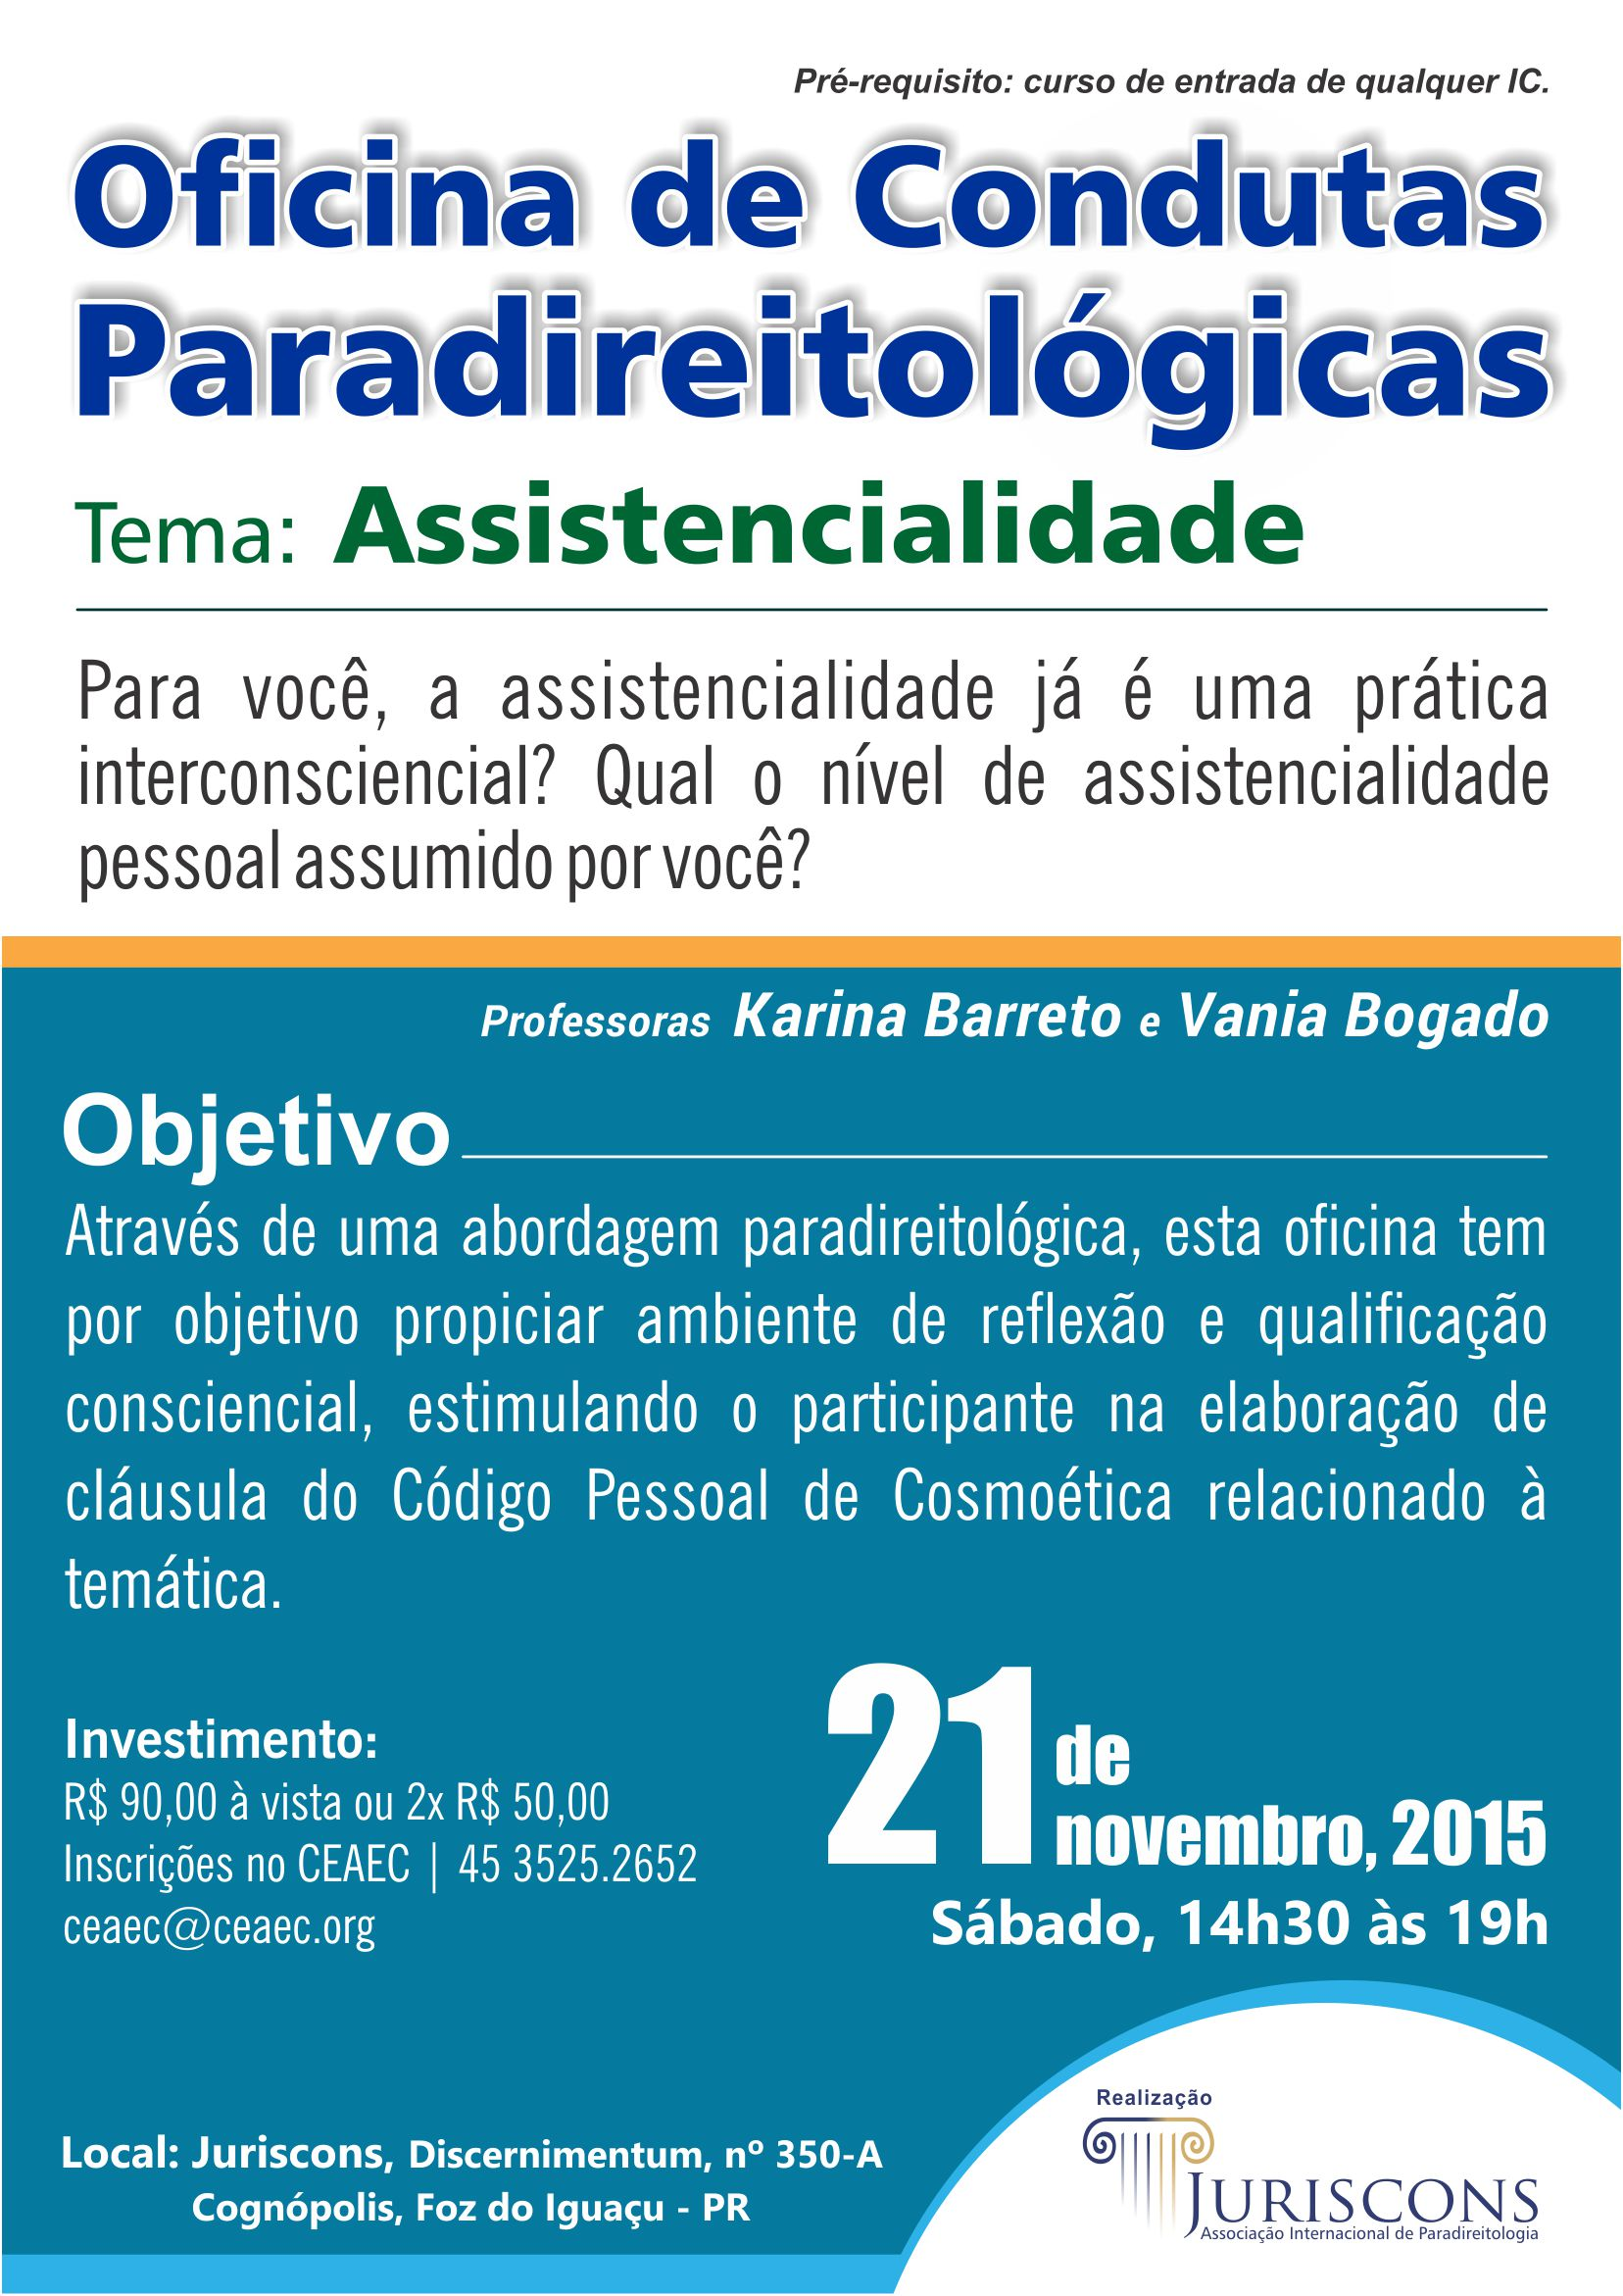 Oficina - Condutas Paradireitológicas_Foz